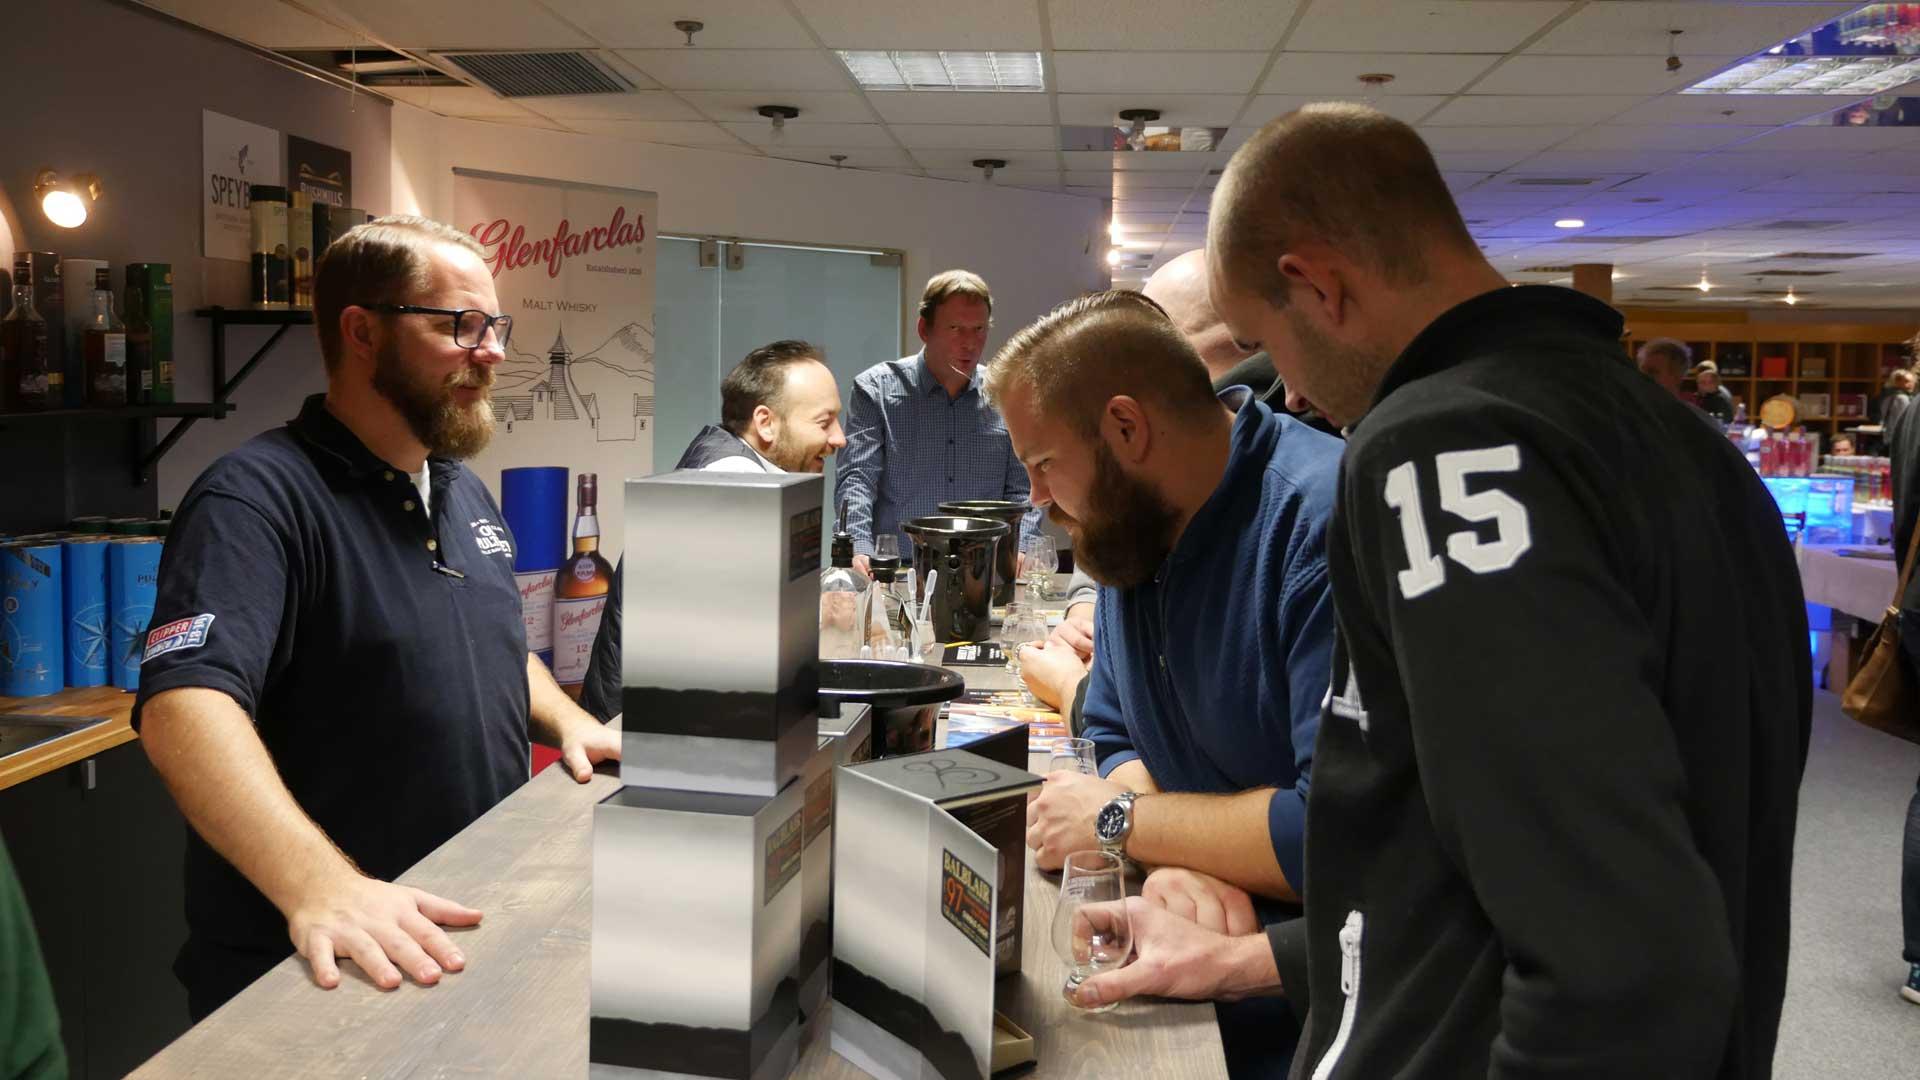 Eine große Auswahl an erlesenen Abfüllungen und eine fundierte Beratung sind bei Whisky-Messen selbstverständlich (Foto: Alkoblog)